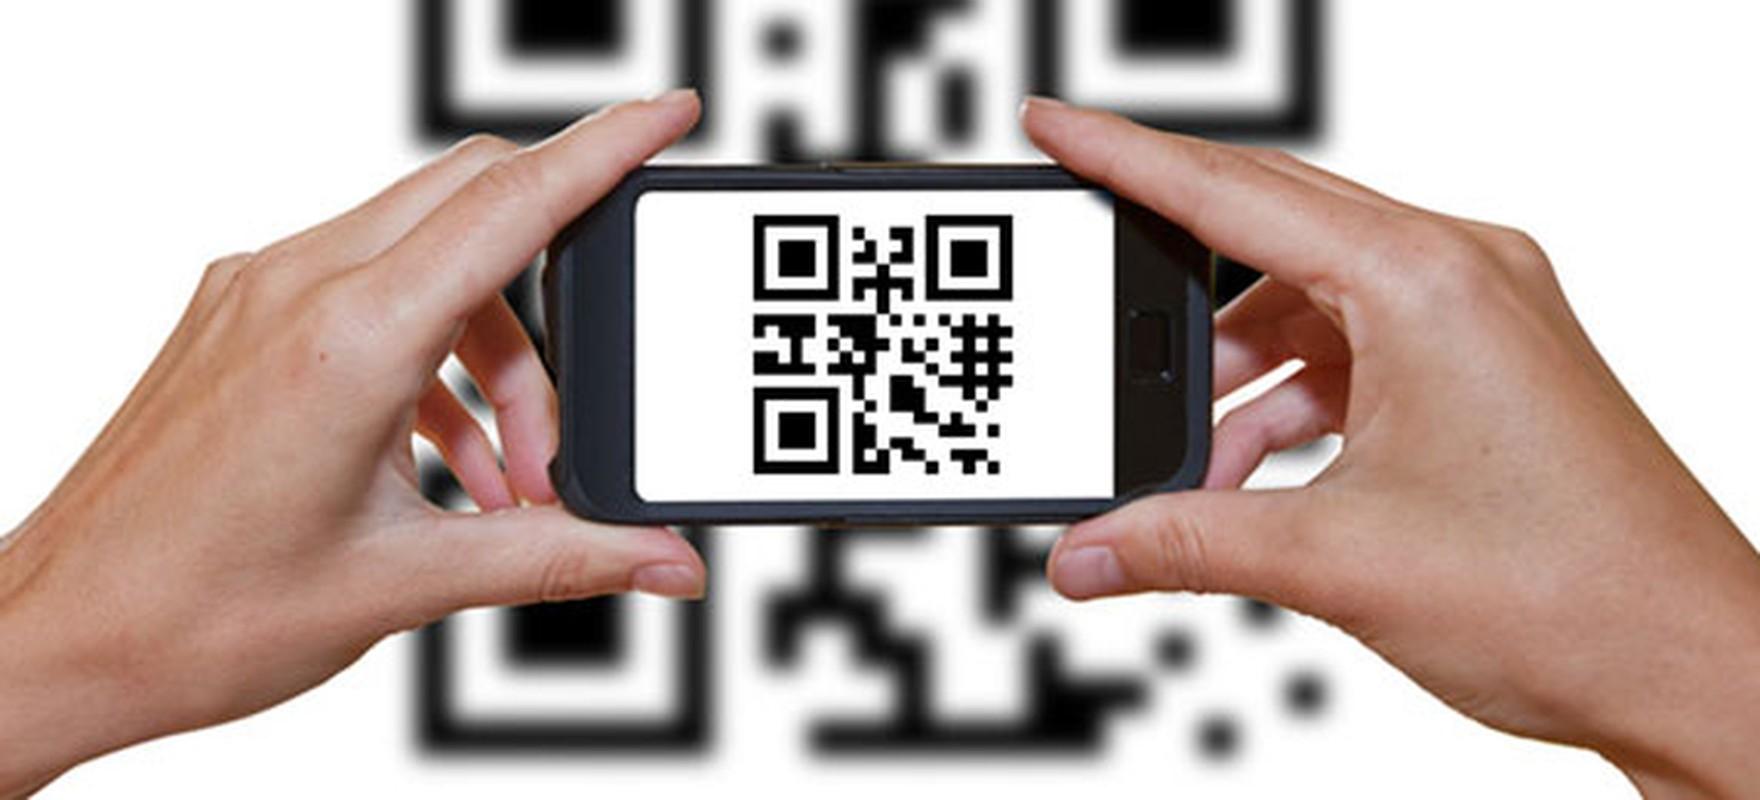 Bat ngo voi tac dung cua camera tren smartphone-Hinh-5